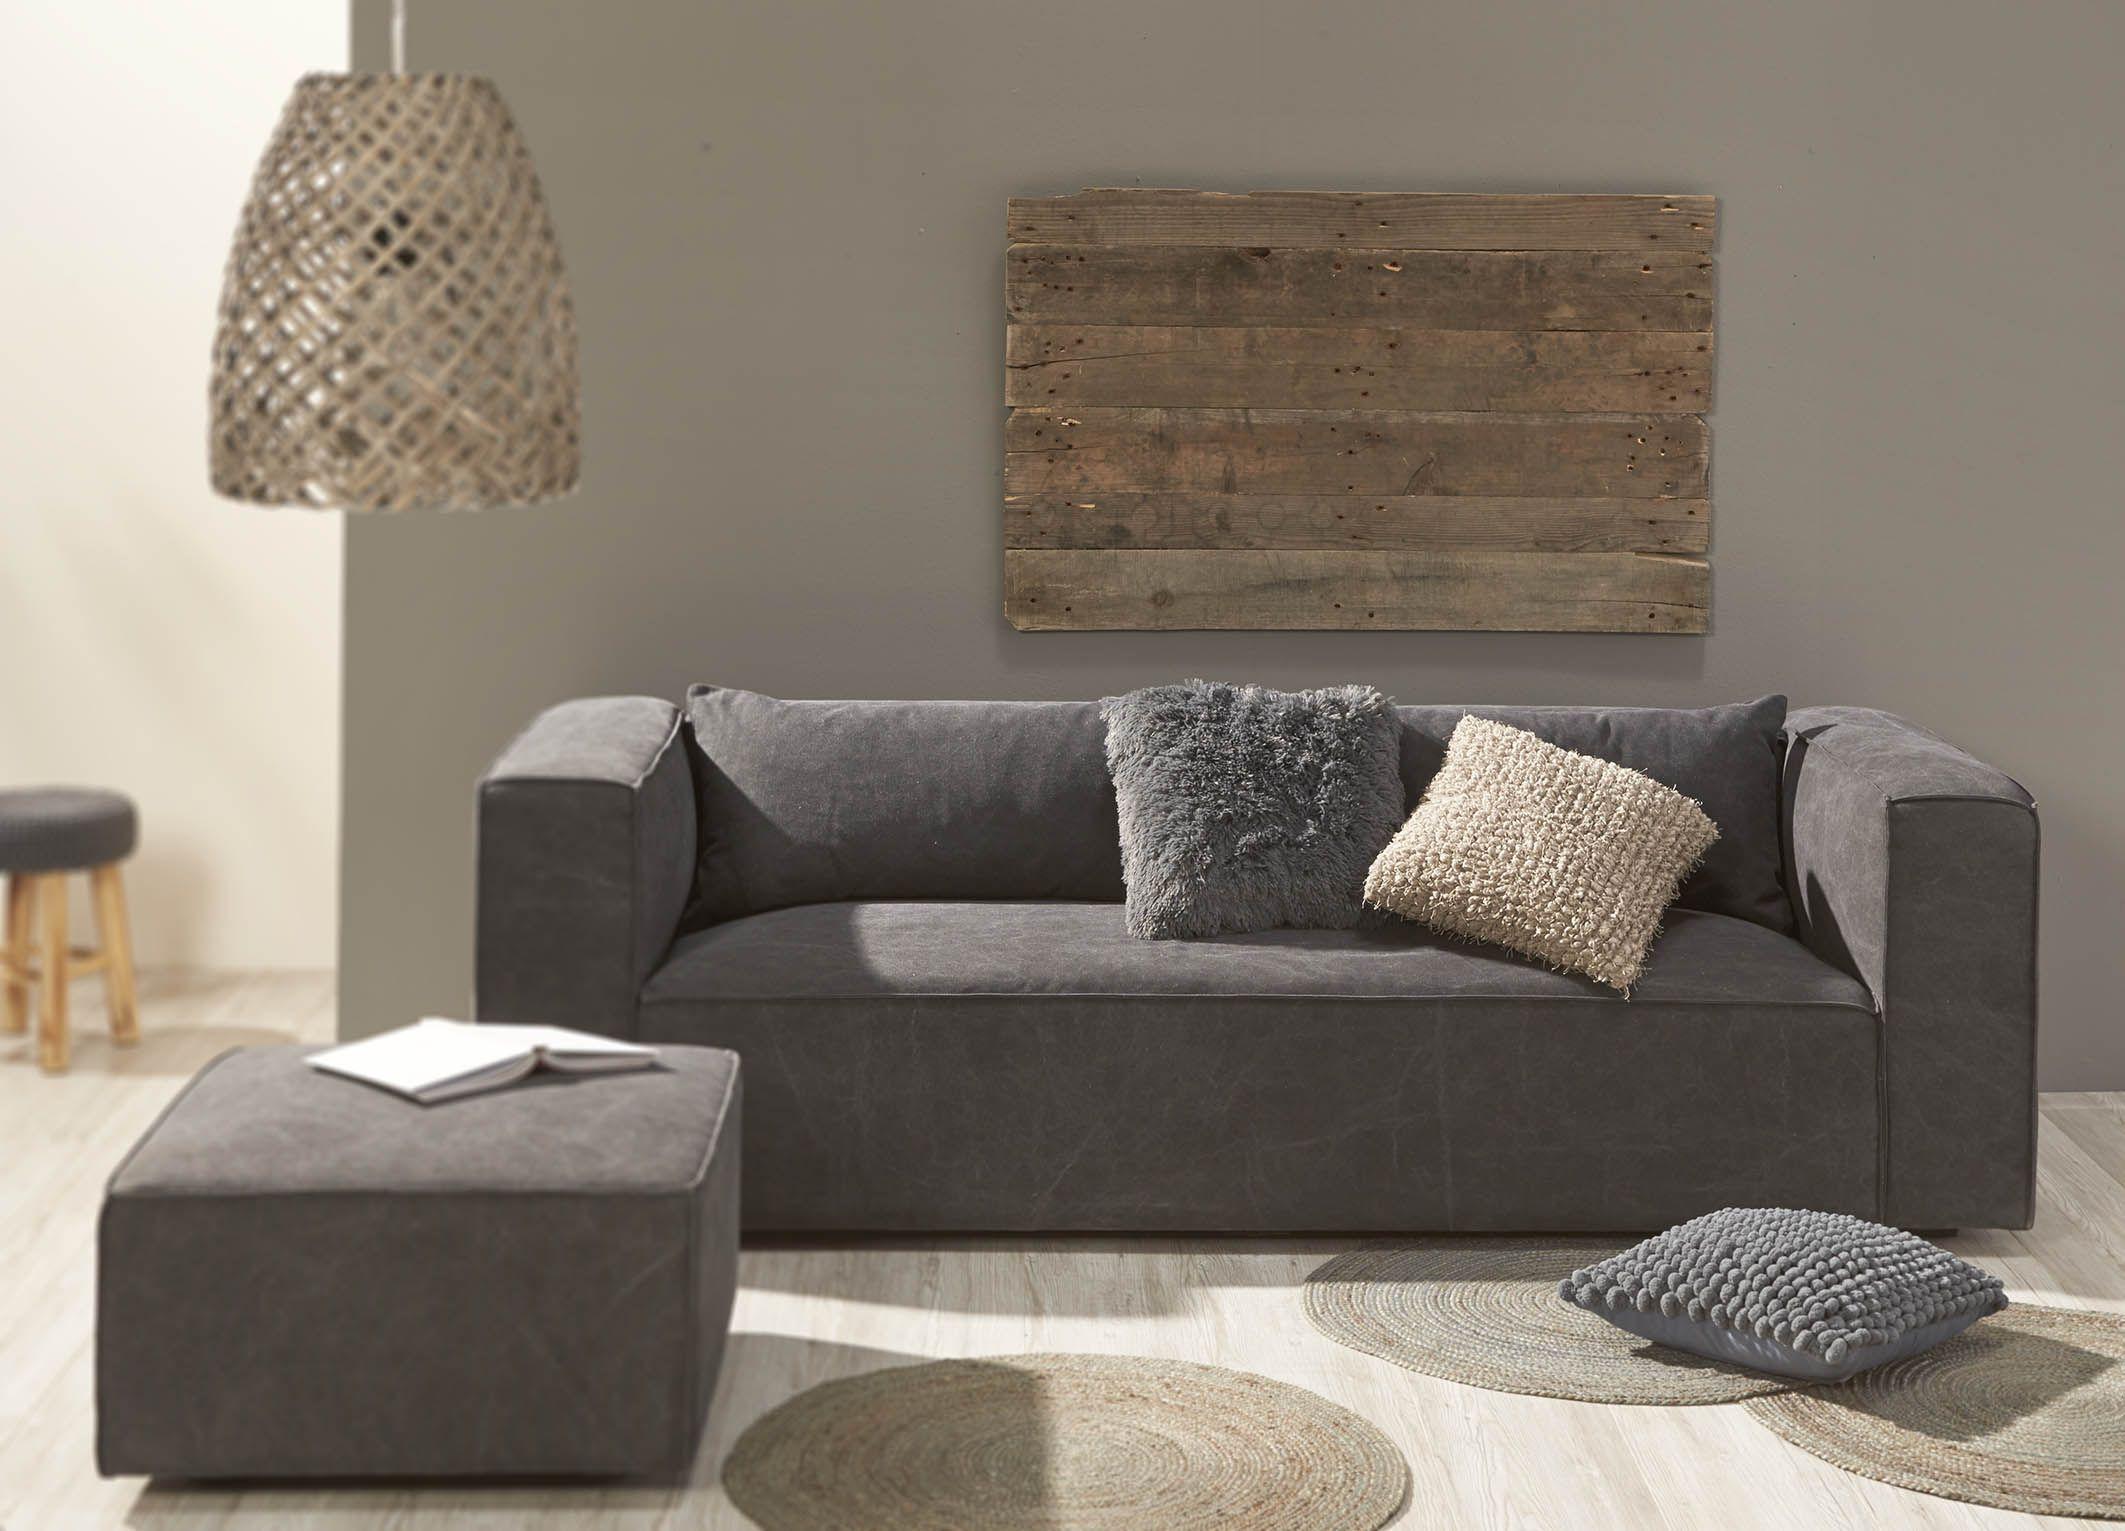 Bank winters gezellig warm knus grijs sofa winter coy